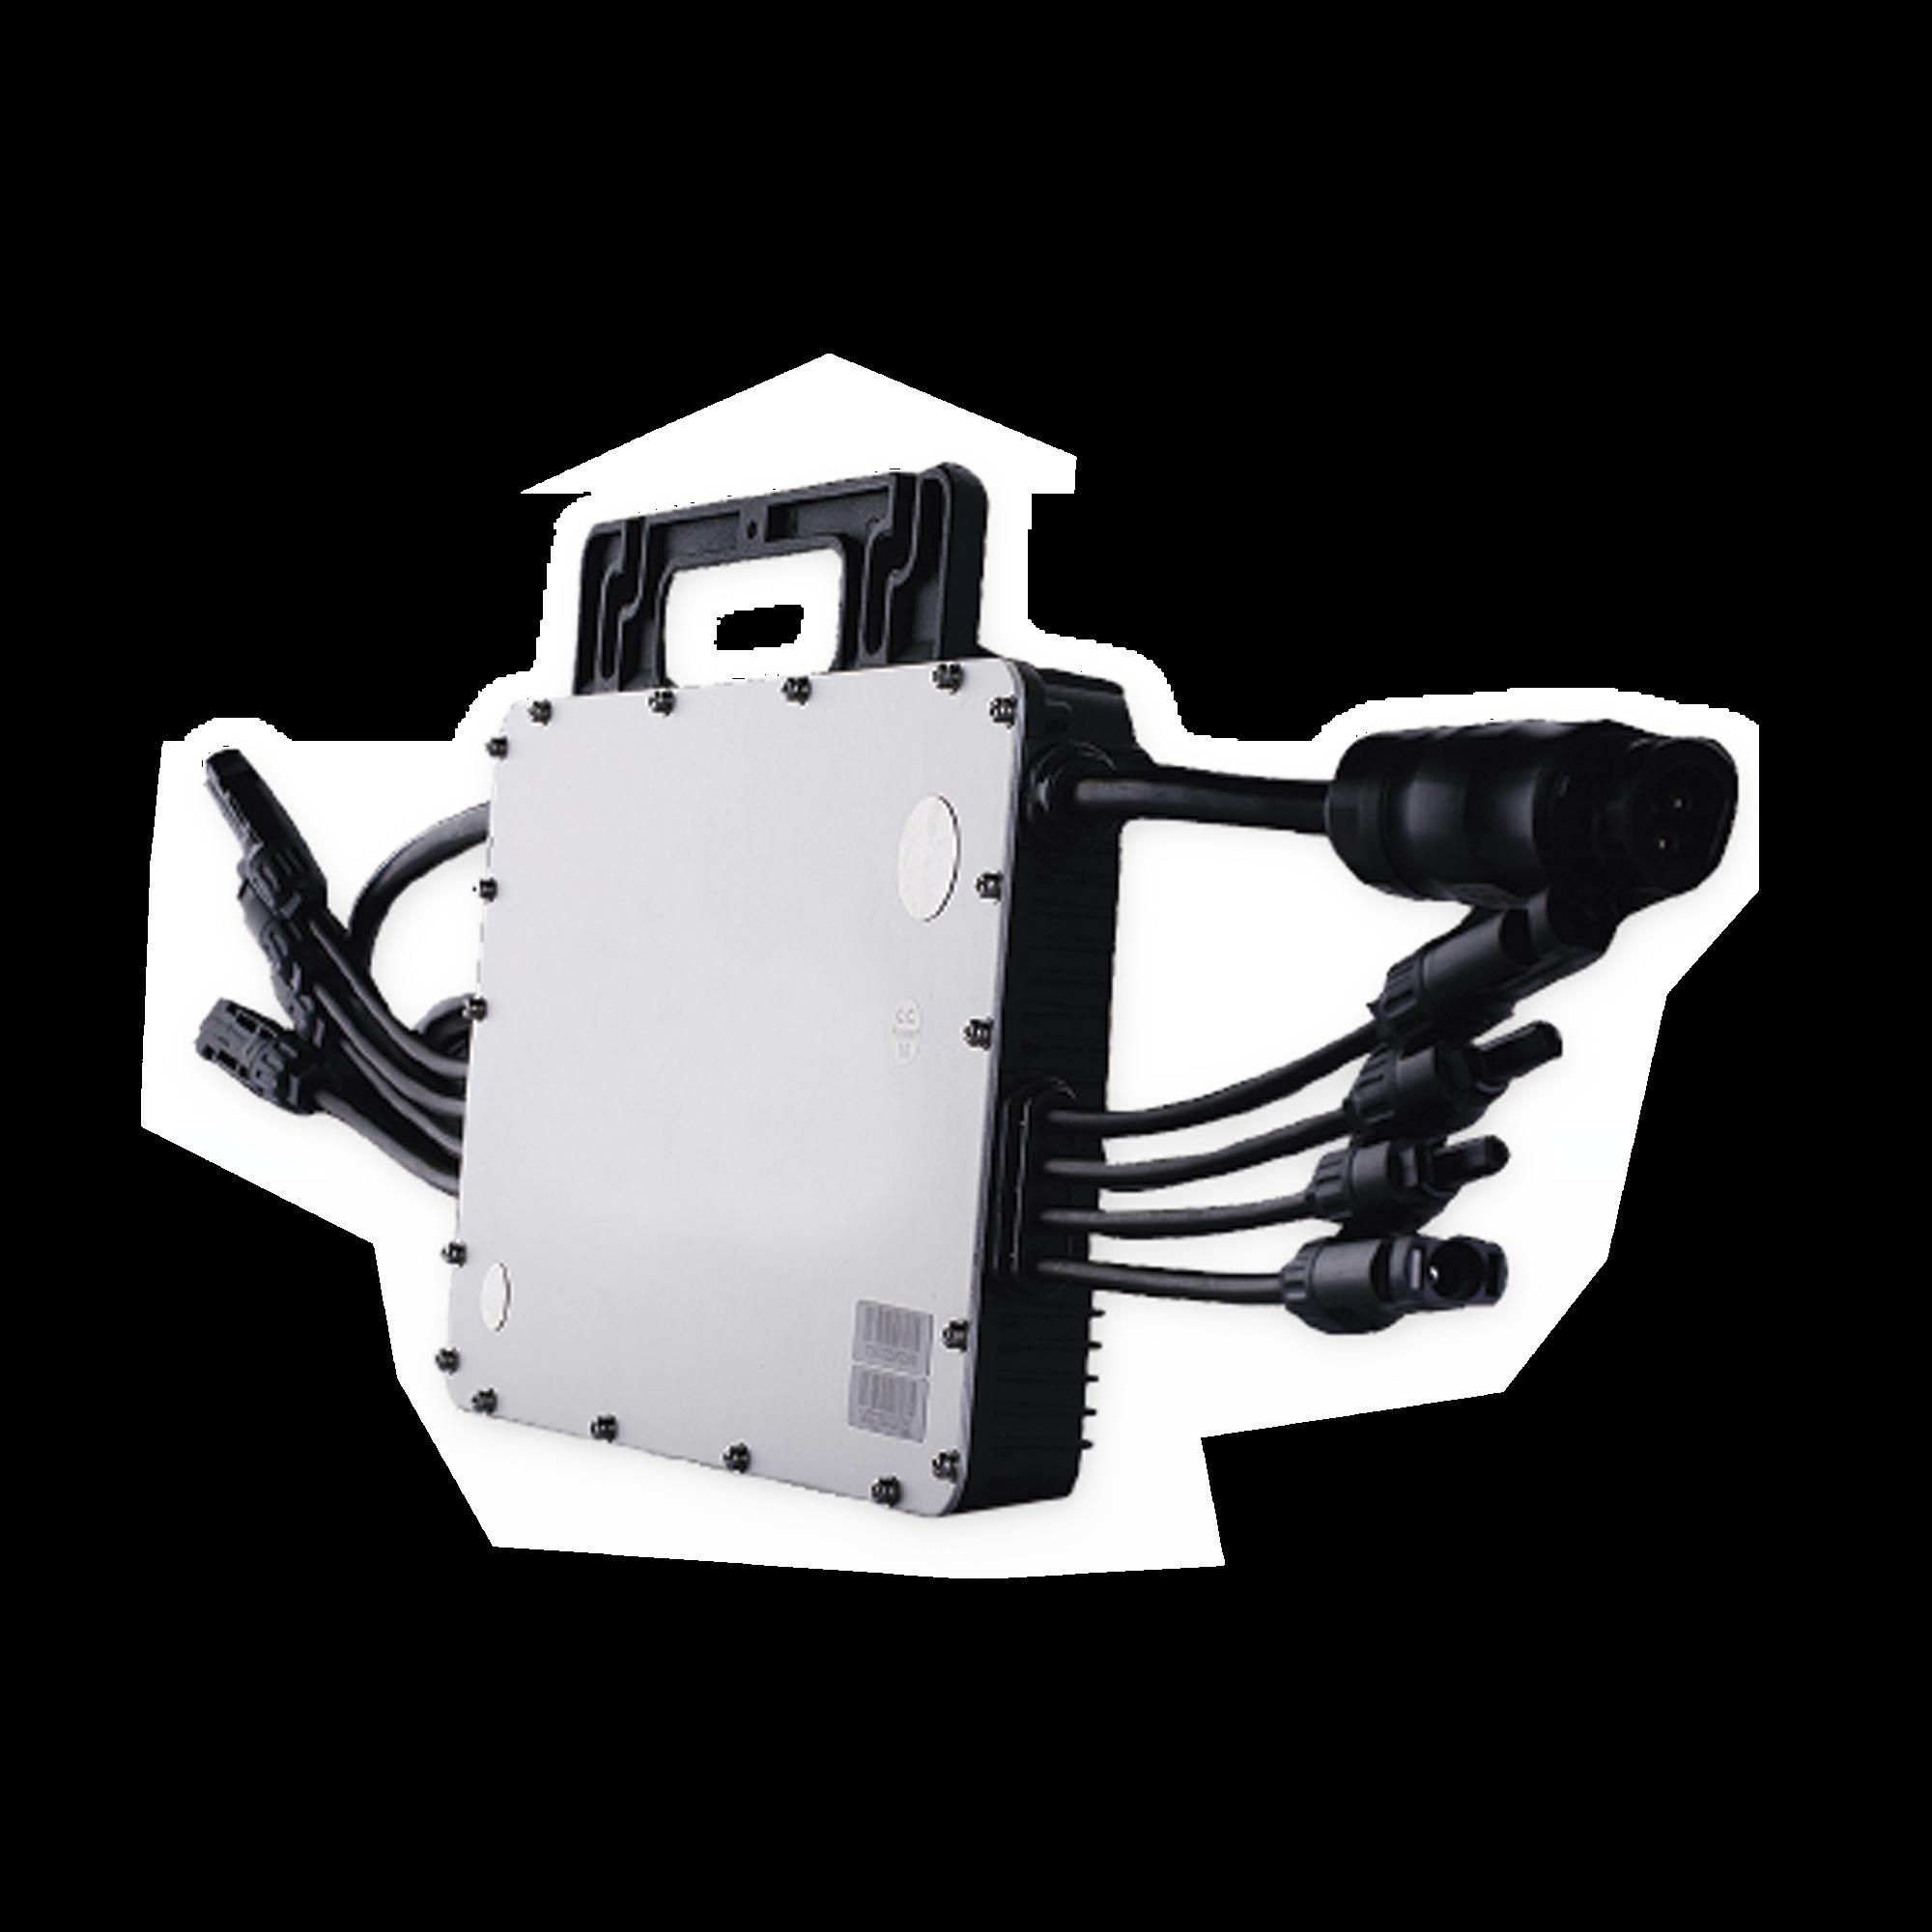 Microinversor 1500 W para Interconexión a Red Eléctrica 220V,  IP67, Con Cable Troncal Incluido, Para 4 Modulos de Hasta 470 W